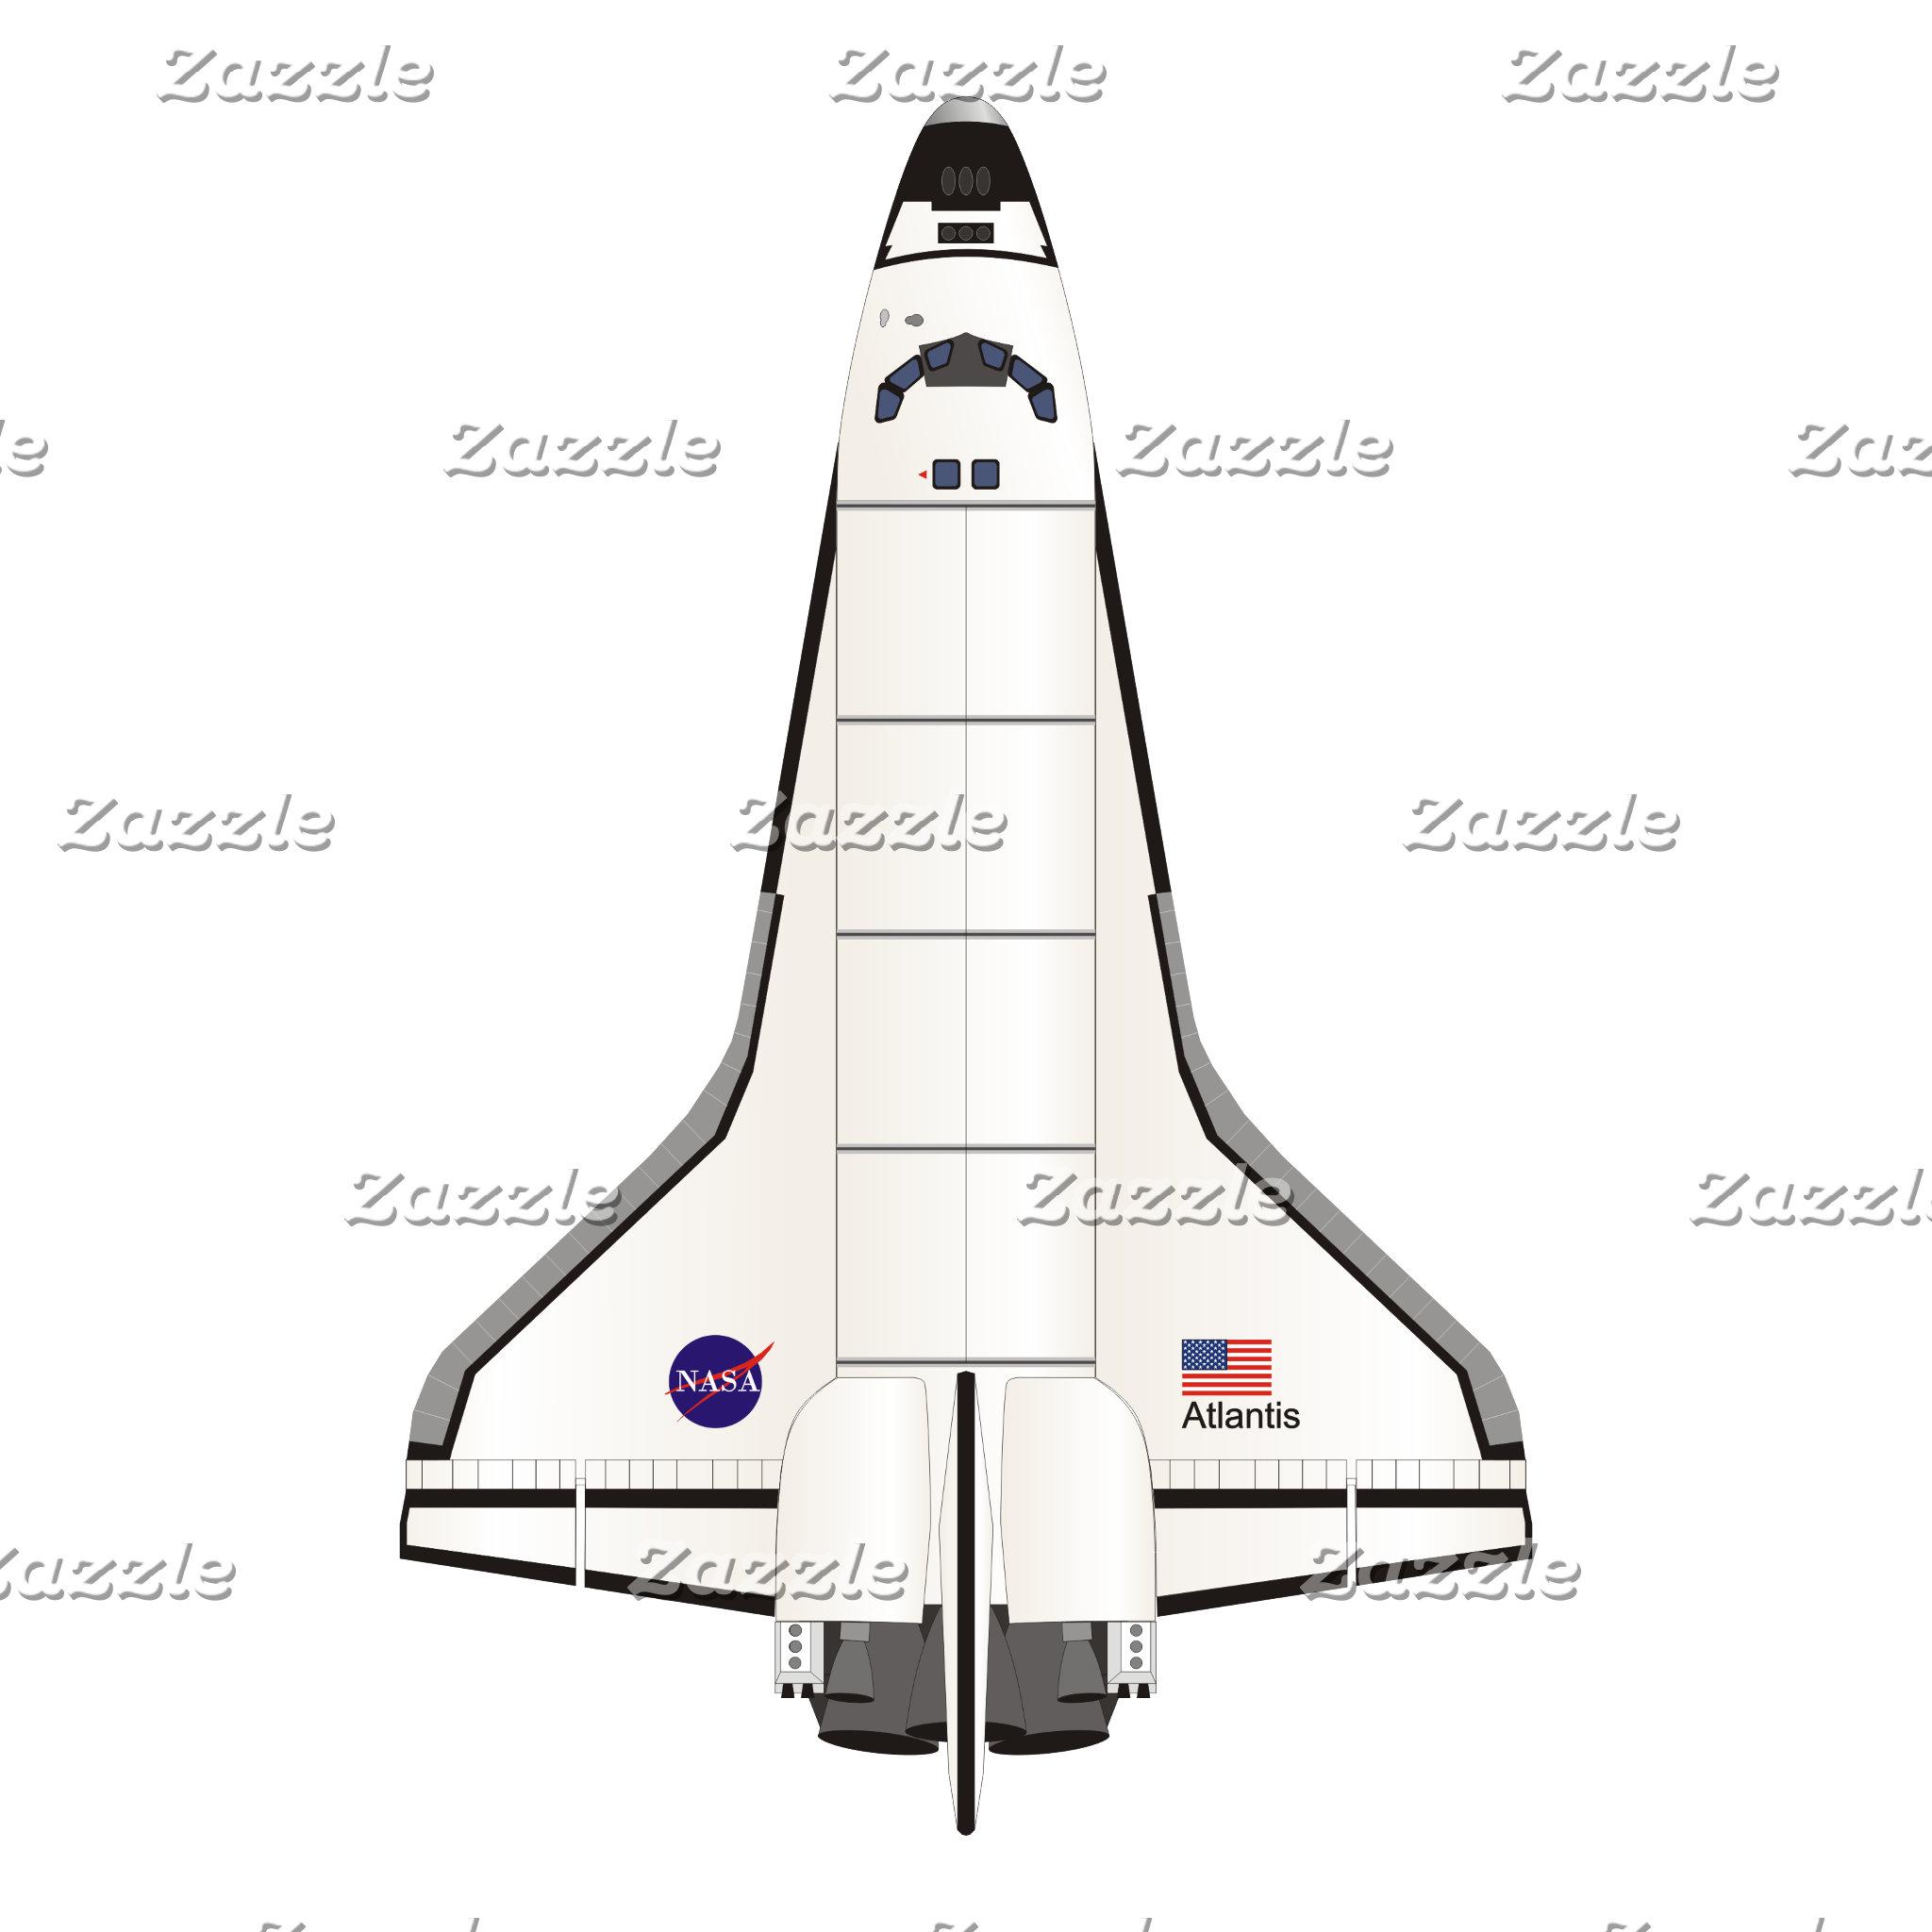 Shuttle Atlantis